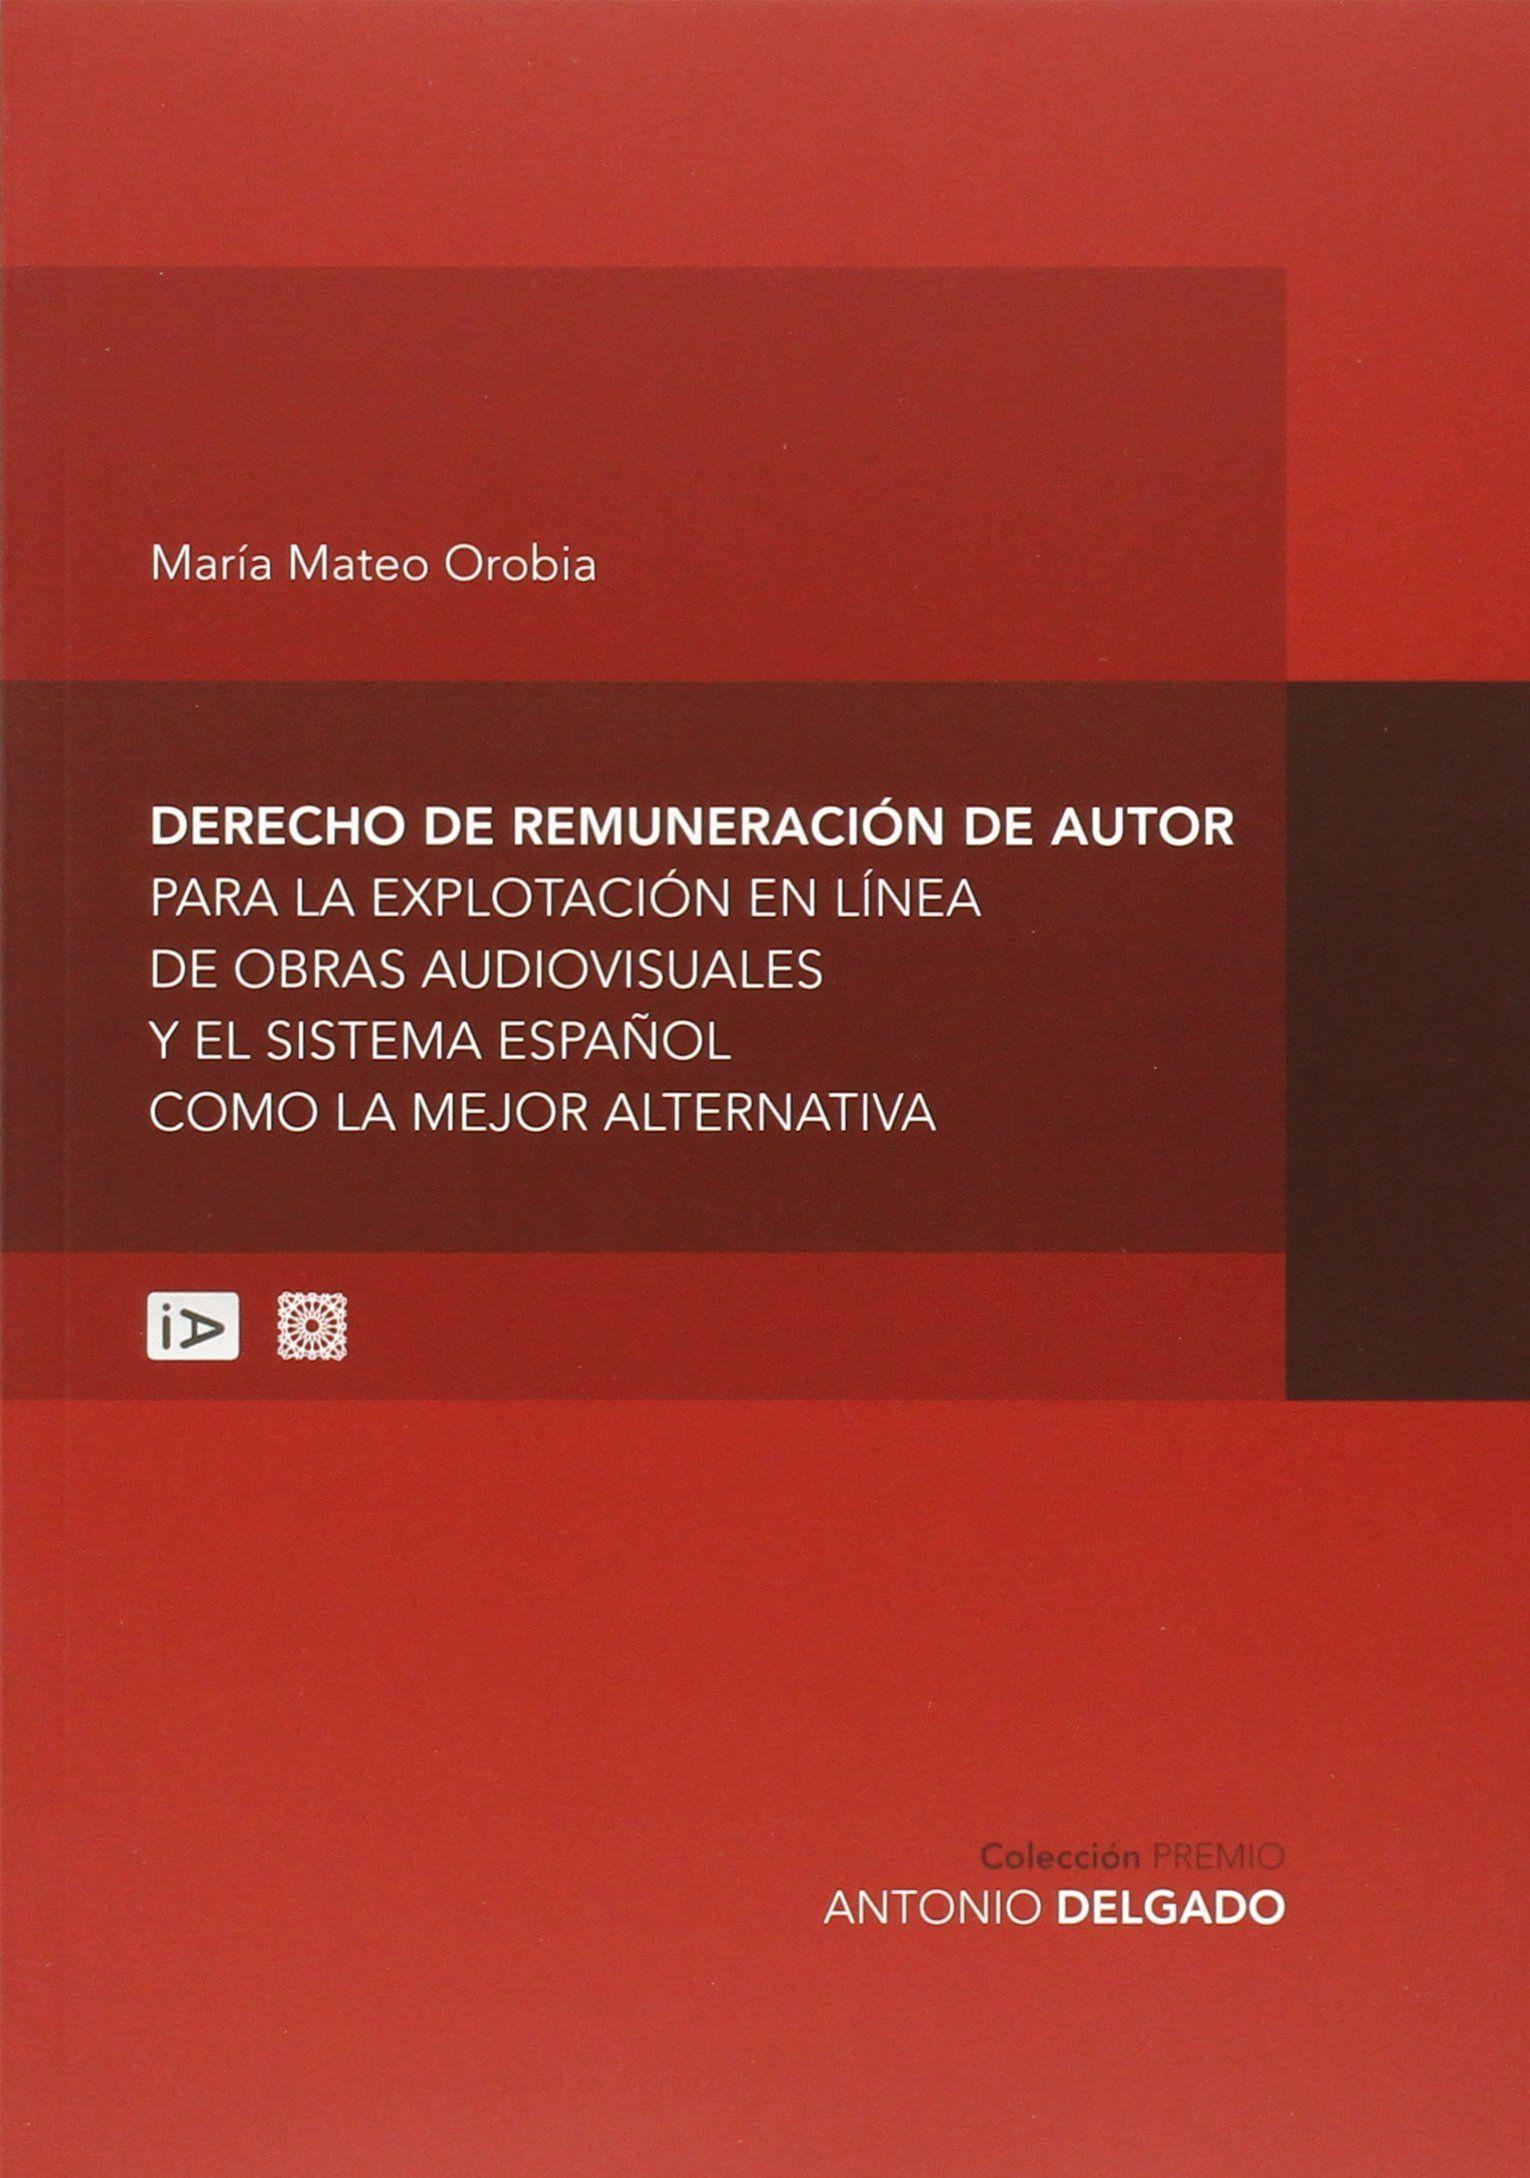 Derecho de remuneración de autor para la explotación en línea de obras audiovisuales y el sistema español como la mejor alternativa / María Mateo Orobia.    Comares, 2015